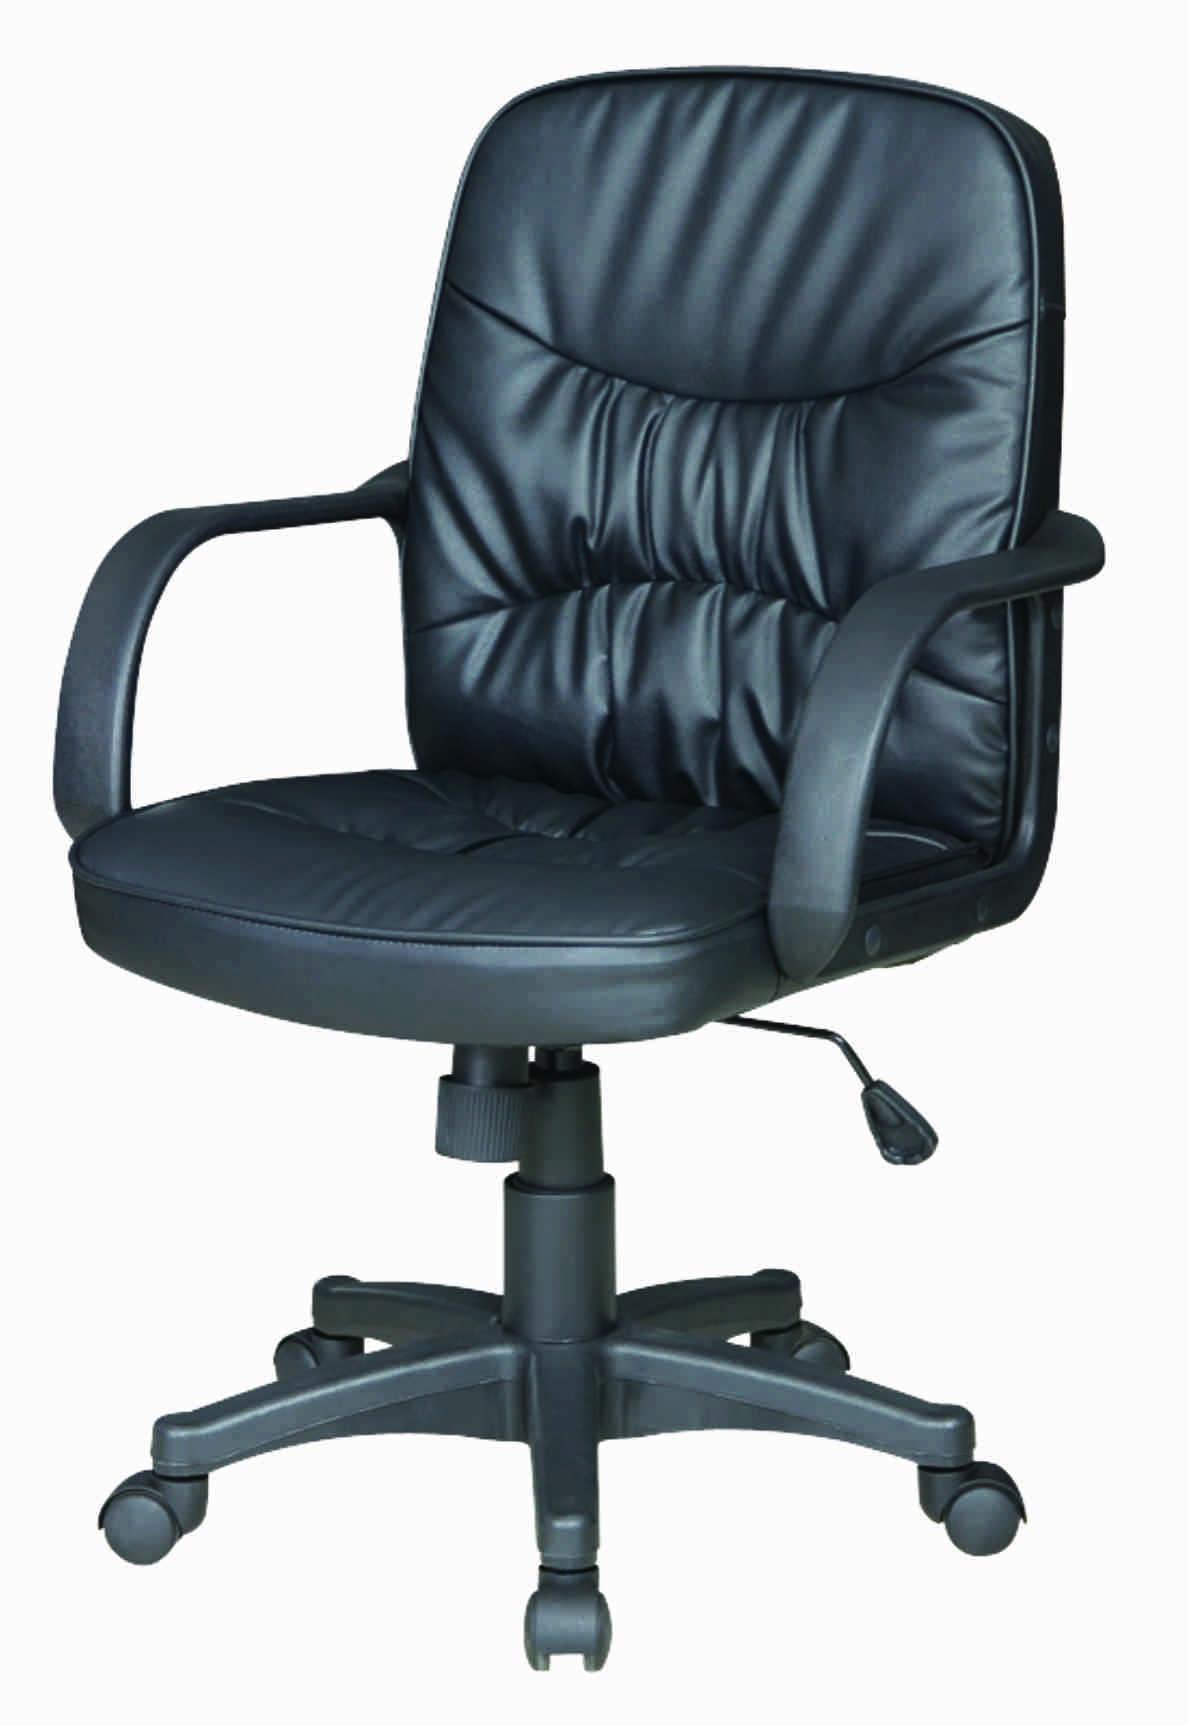 Revolving chair online shopping